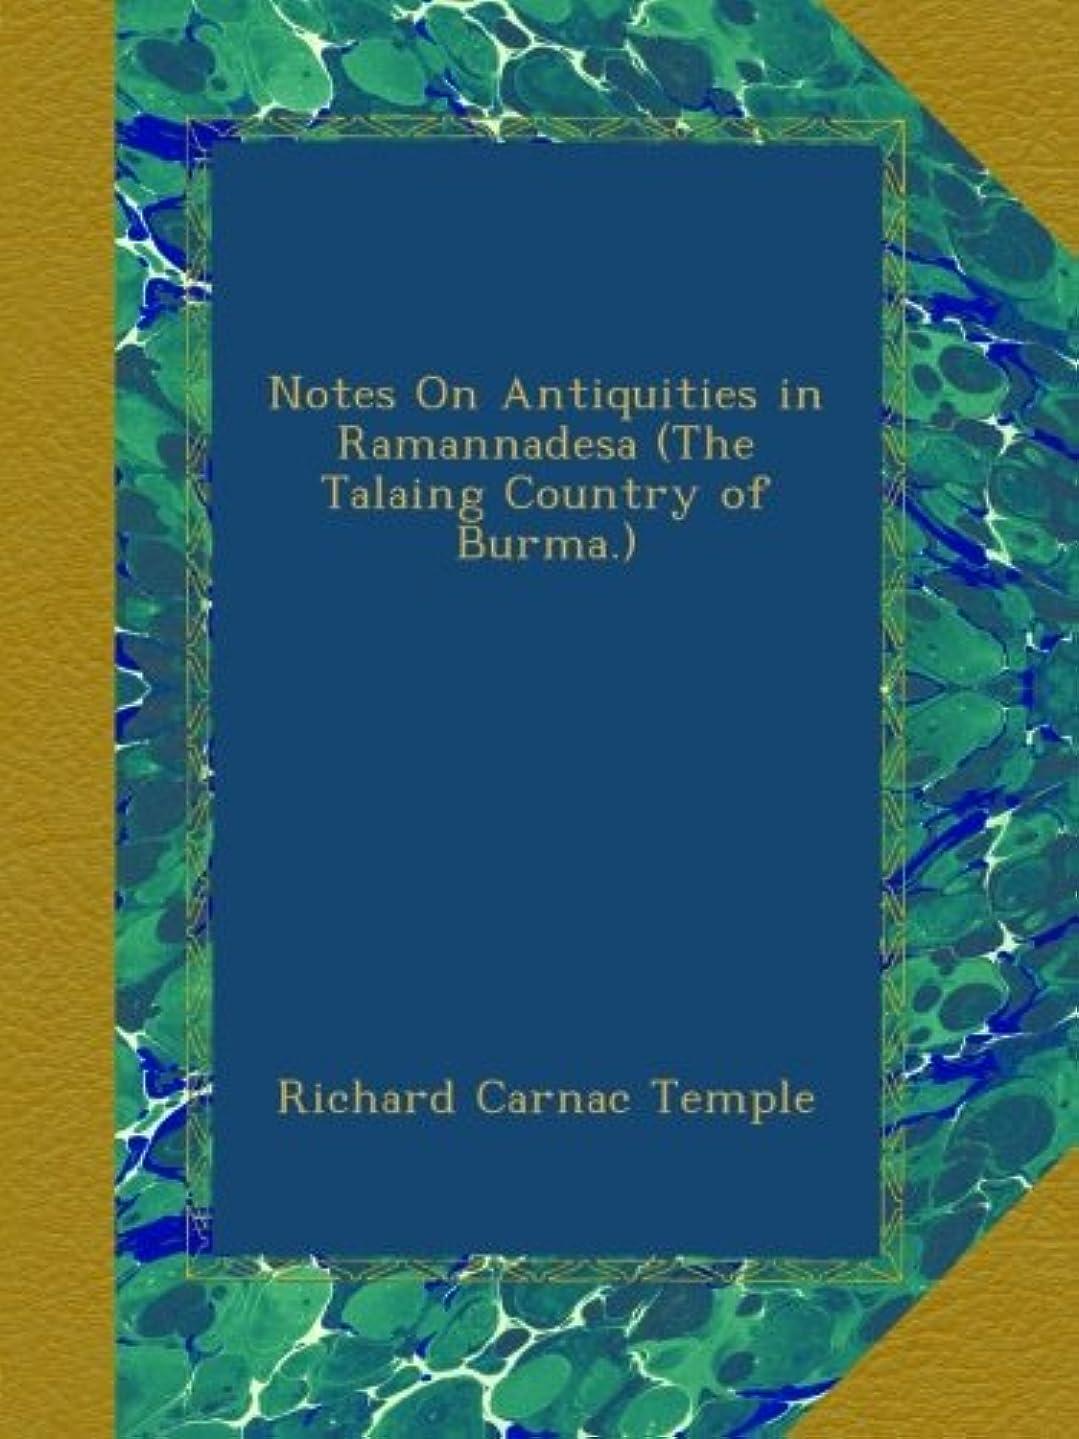 急流記念日良さNotes On Antiquities in Ramannadesa (The Talaing Country of Burma.)